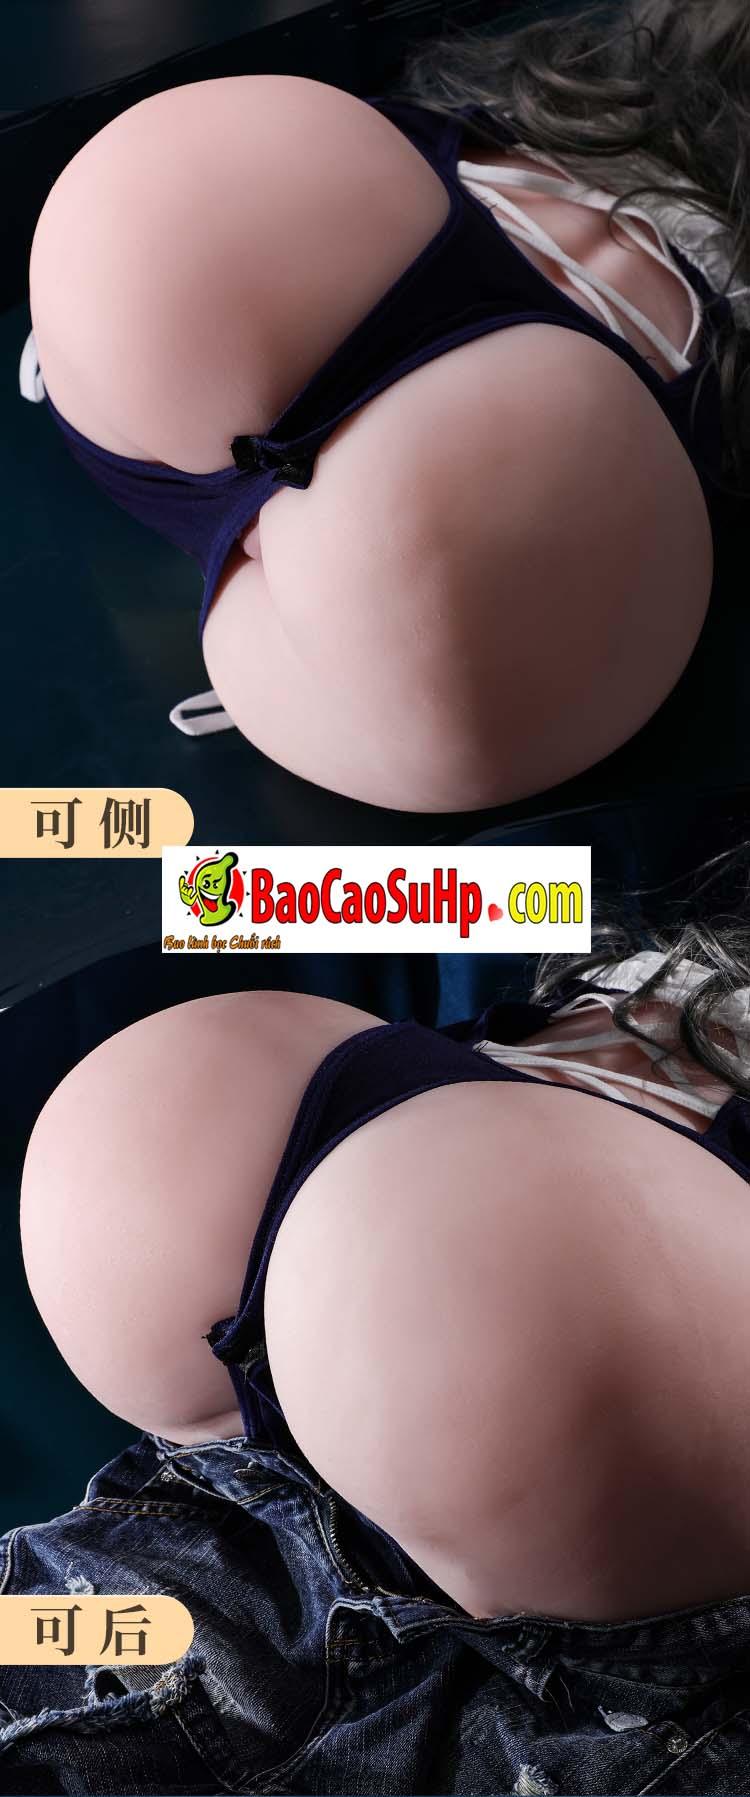 mong nguyen khoi Hime Hashimoto Yuna Tokyo 15 - Mông siêu to khổng lồ Hime Hashimoto Yuna Tokyo Nhật Bản có khung xương